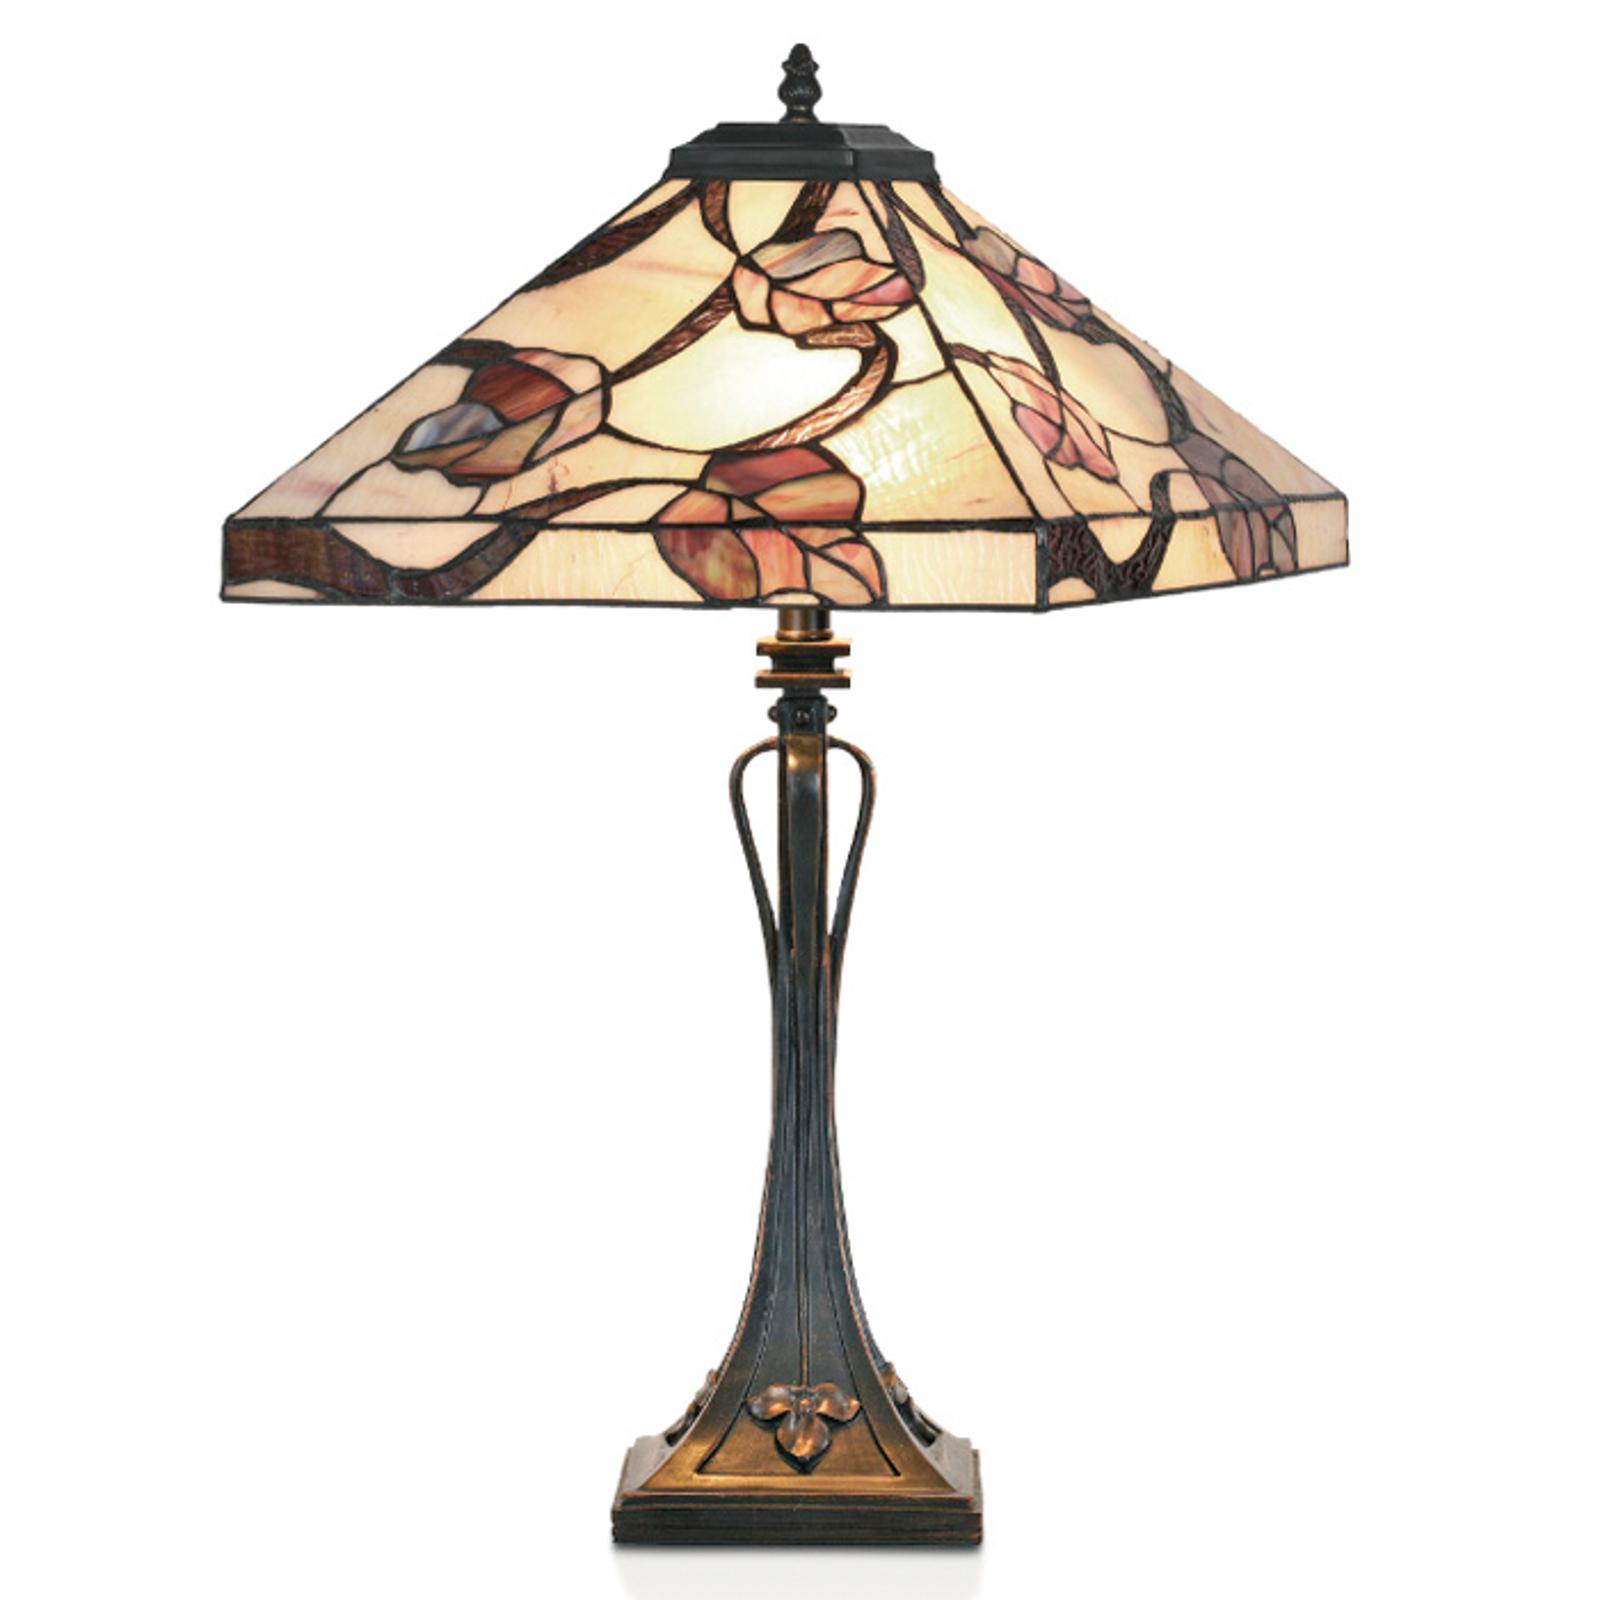 Lampada da tavolo APPOLONIA stile tiffany